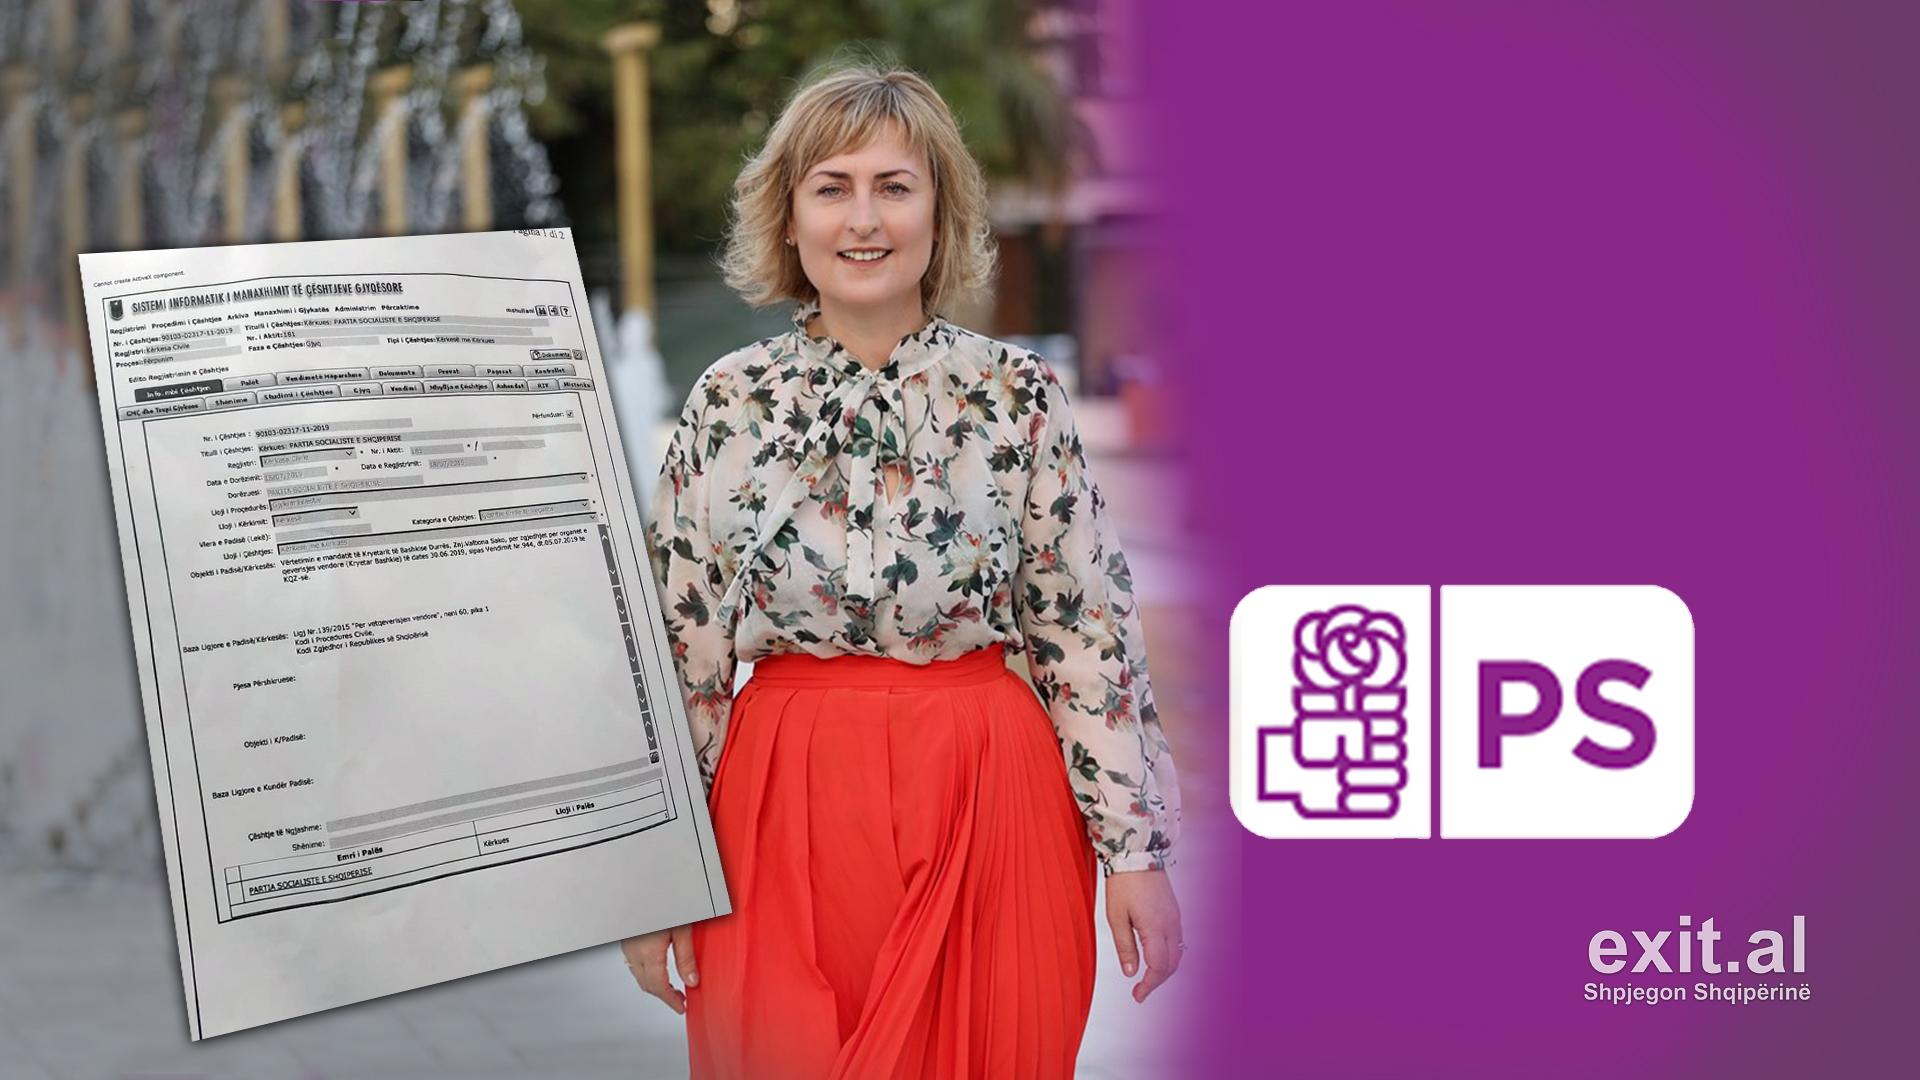 Vangjush Dako dhe Joana Qeleshi bëjnë drejtësi private, konfirmojnë Valbona Sakon